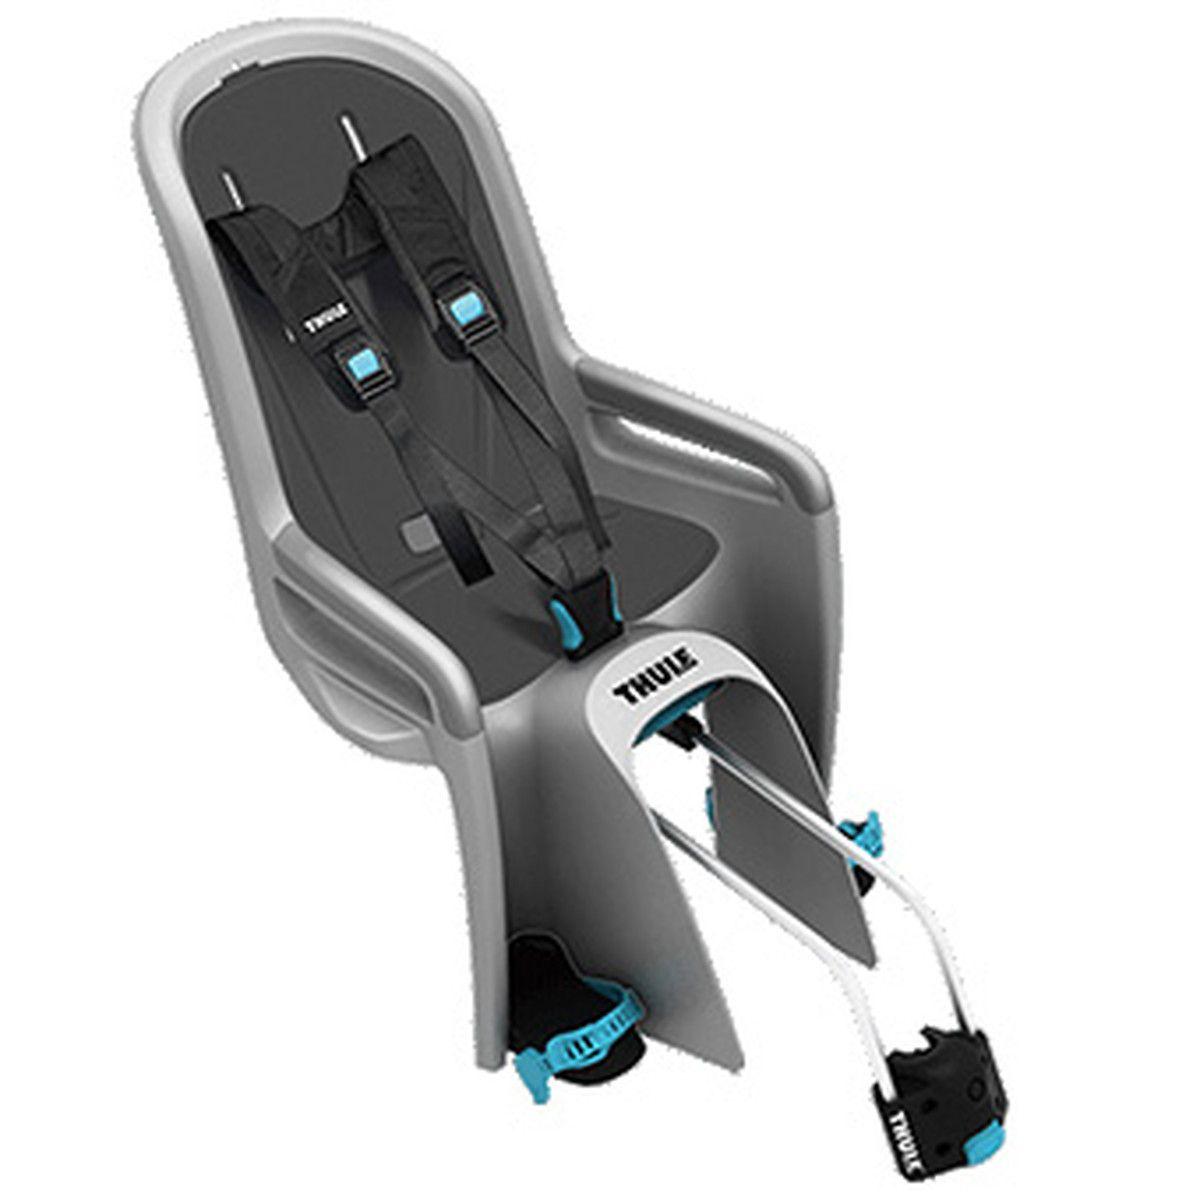 リクライニング・シートベルトアジャストなどが付いた上級モデル THULE/スーリー Thule Ride Along V2 (ライド アロング V2) ライトグレー チャイルドシート 自転車用品